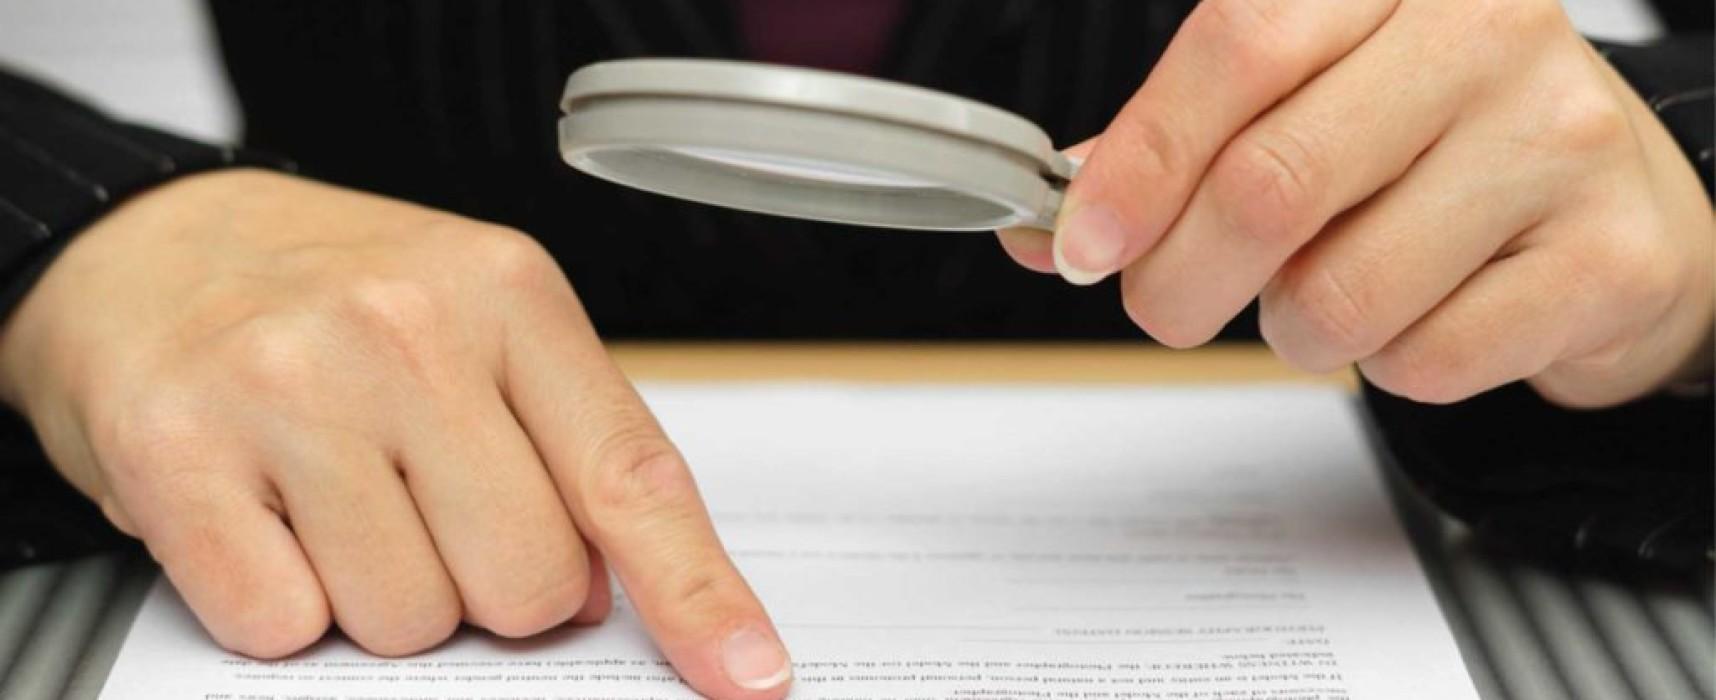 Что должен знать руководитель о проверяющих представителях трудовой инспекции в 2018 году